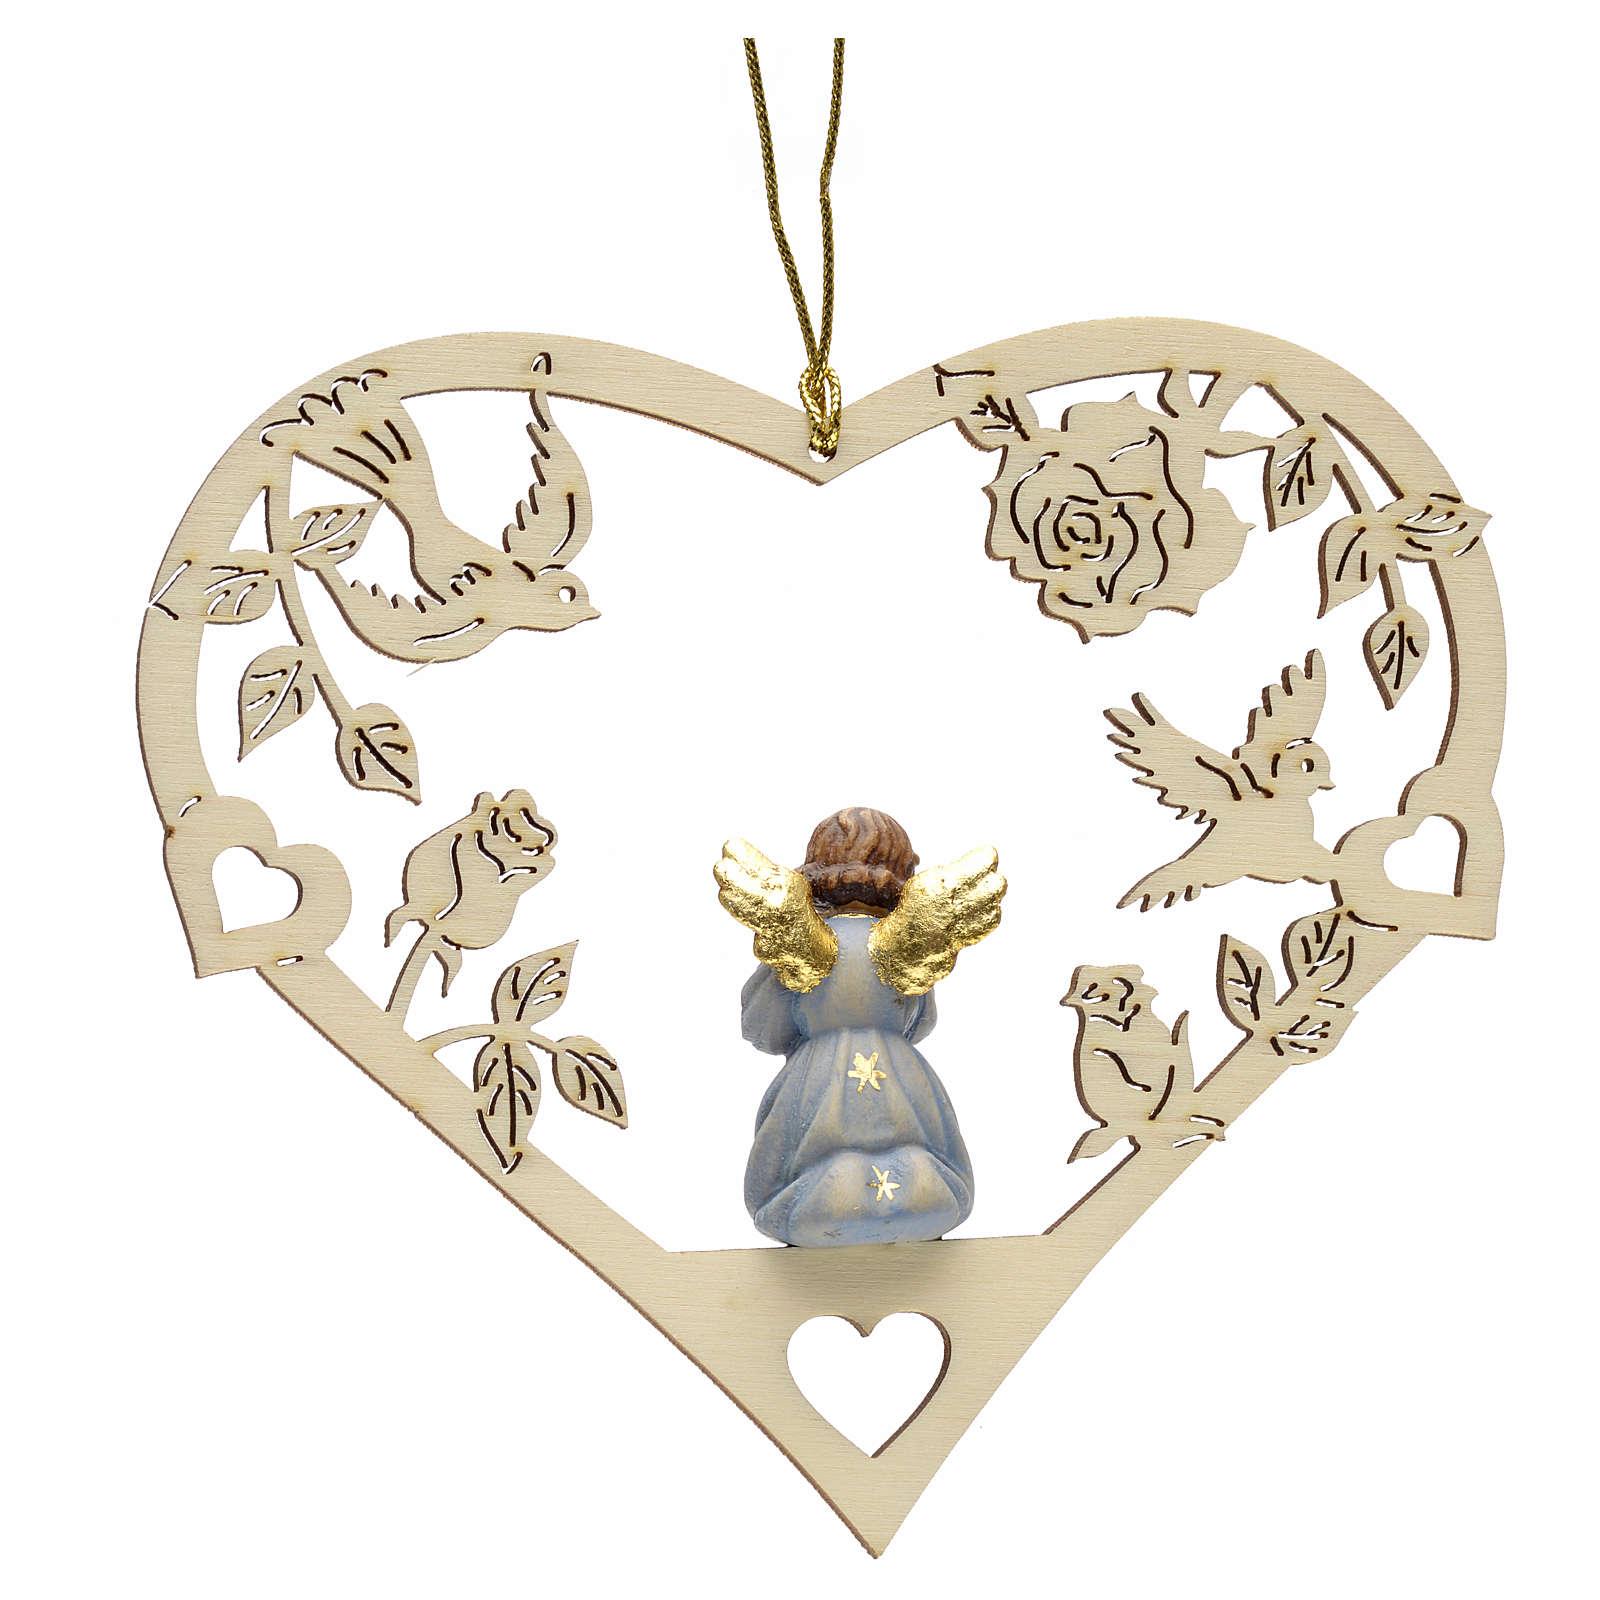 Adorno Natal anjo coração com trombeta 4